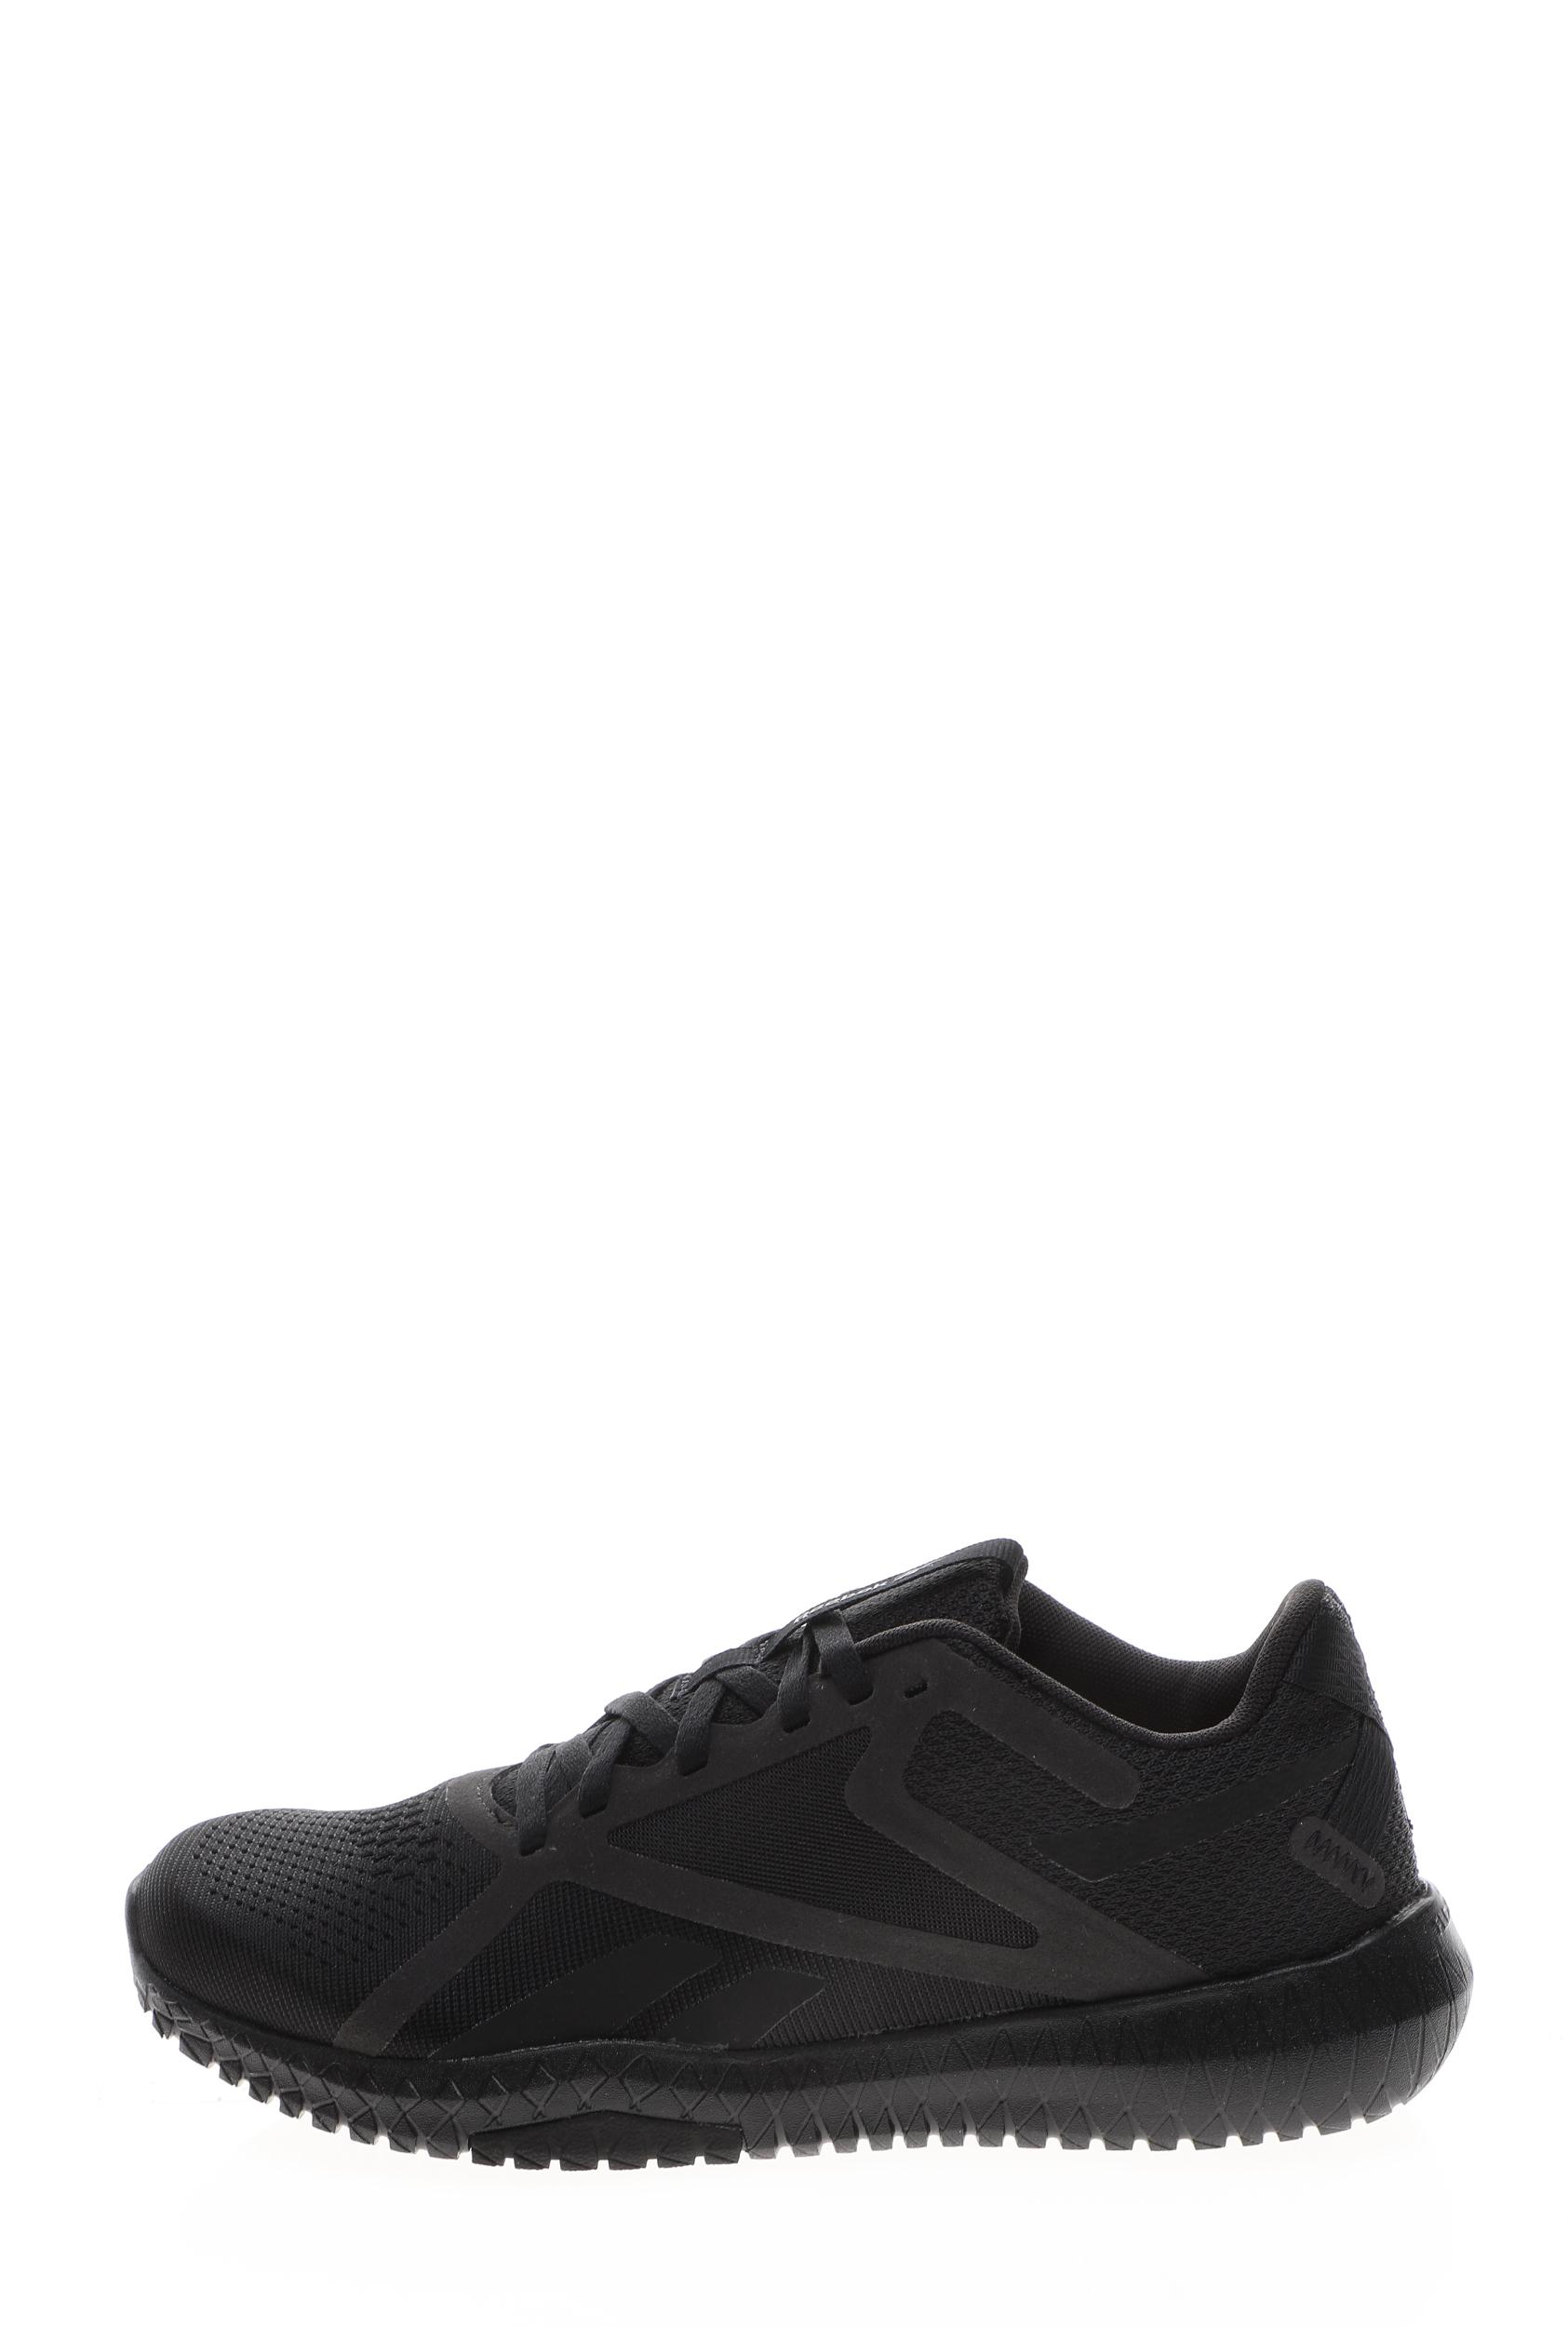 REEBOK – Γυναικεία αθλητικά παπούτσια REEBOK FLEXAGON FORCE 2.0 μαύρα